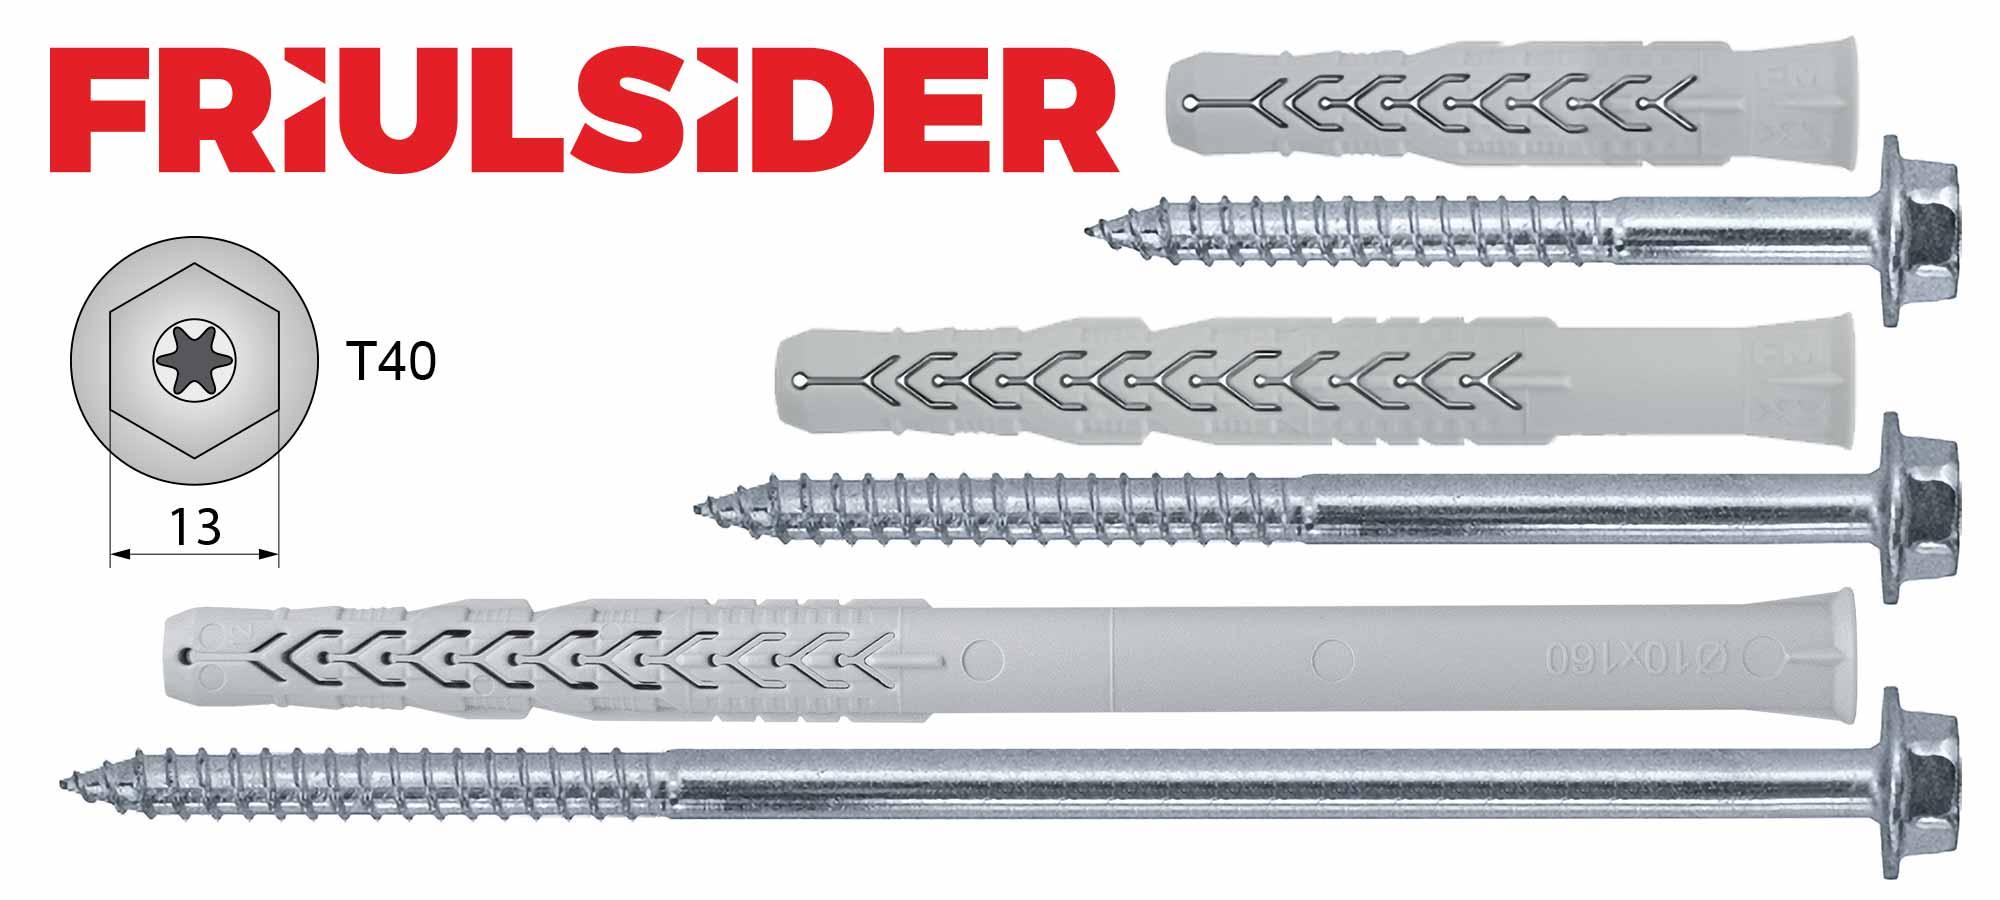 Friulsider FM-X3 tipl i vijak